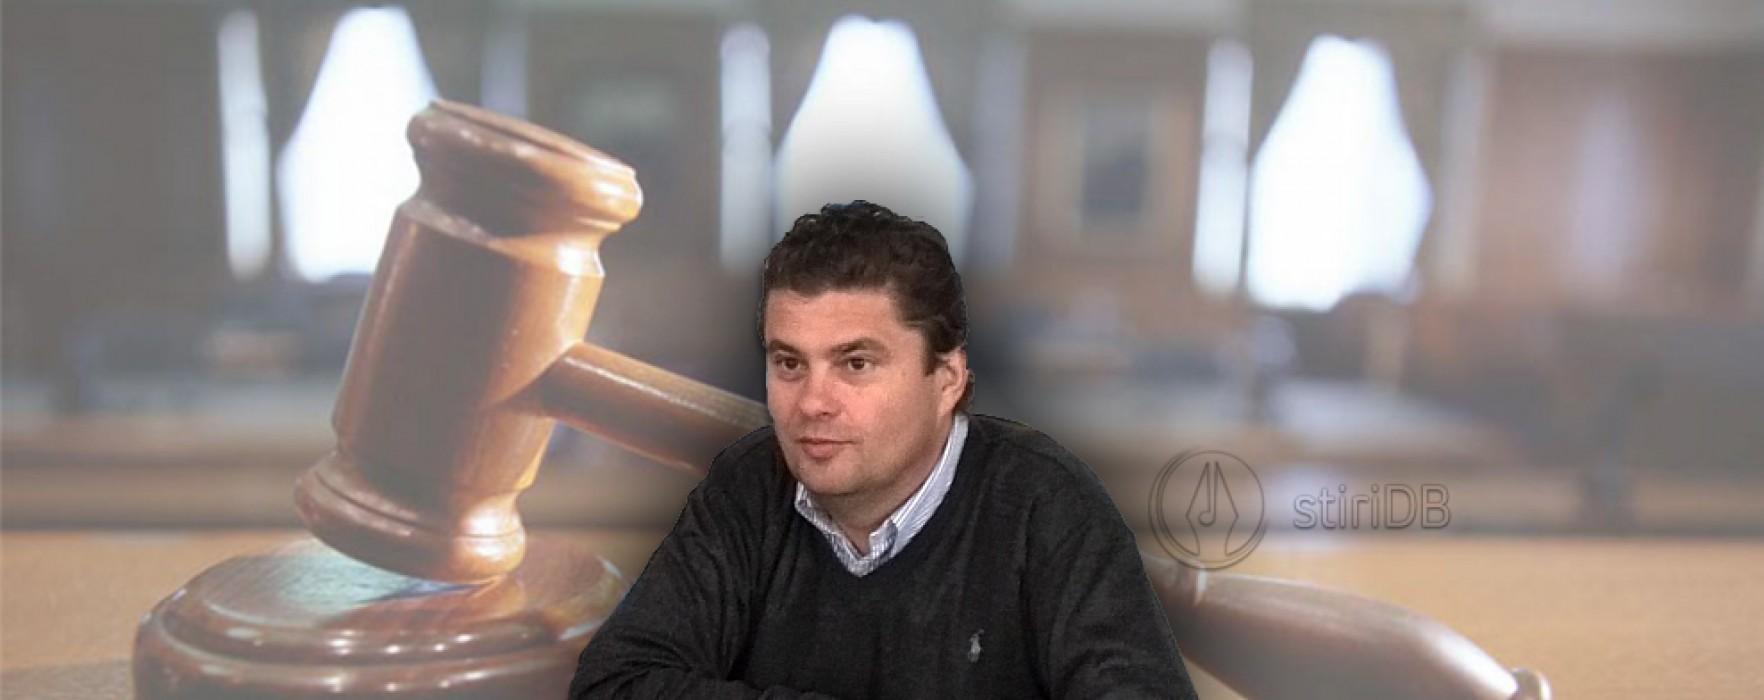 Florin Popescu a fost condamnat la doi ani cu executare, decizia nu e definitivă